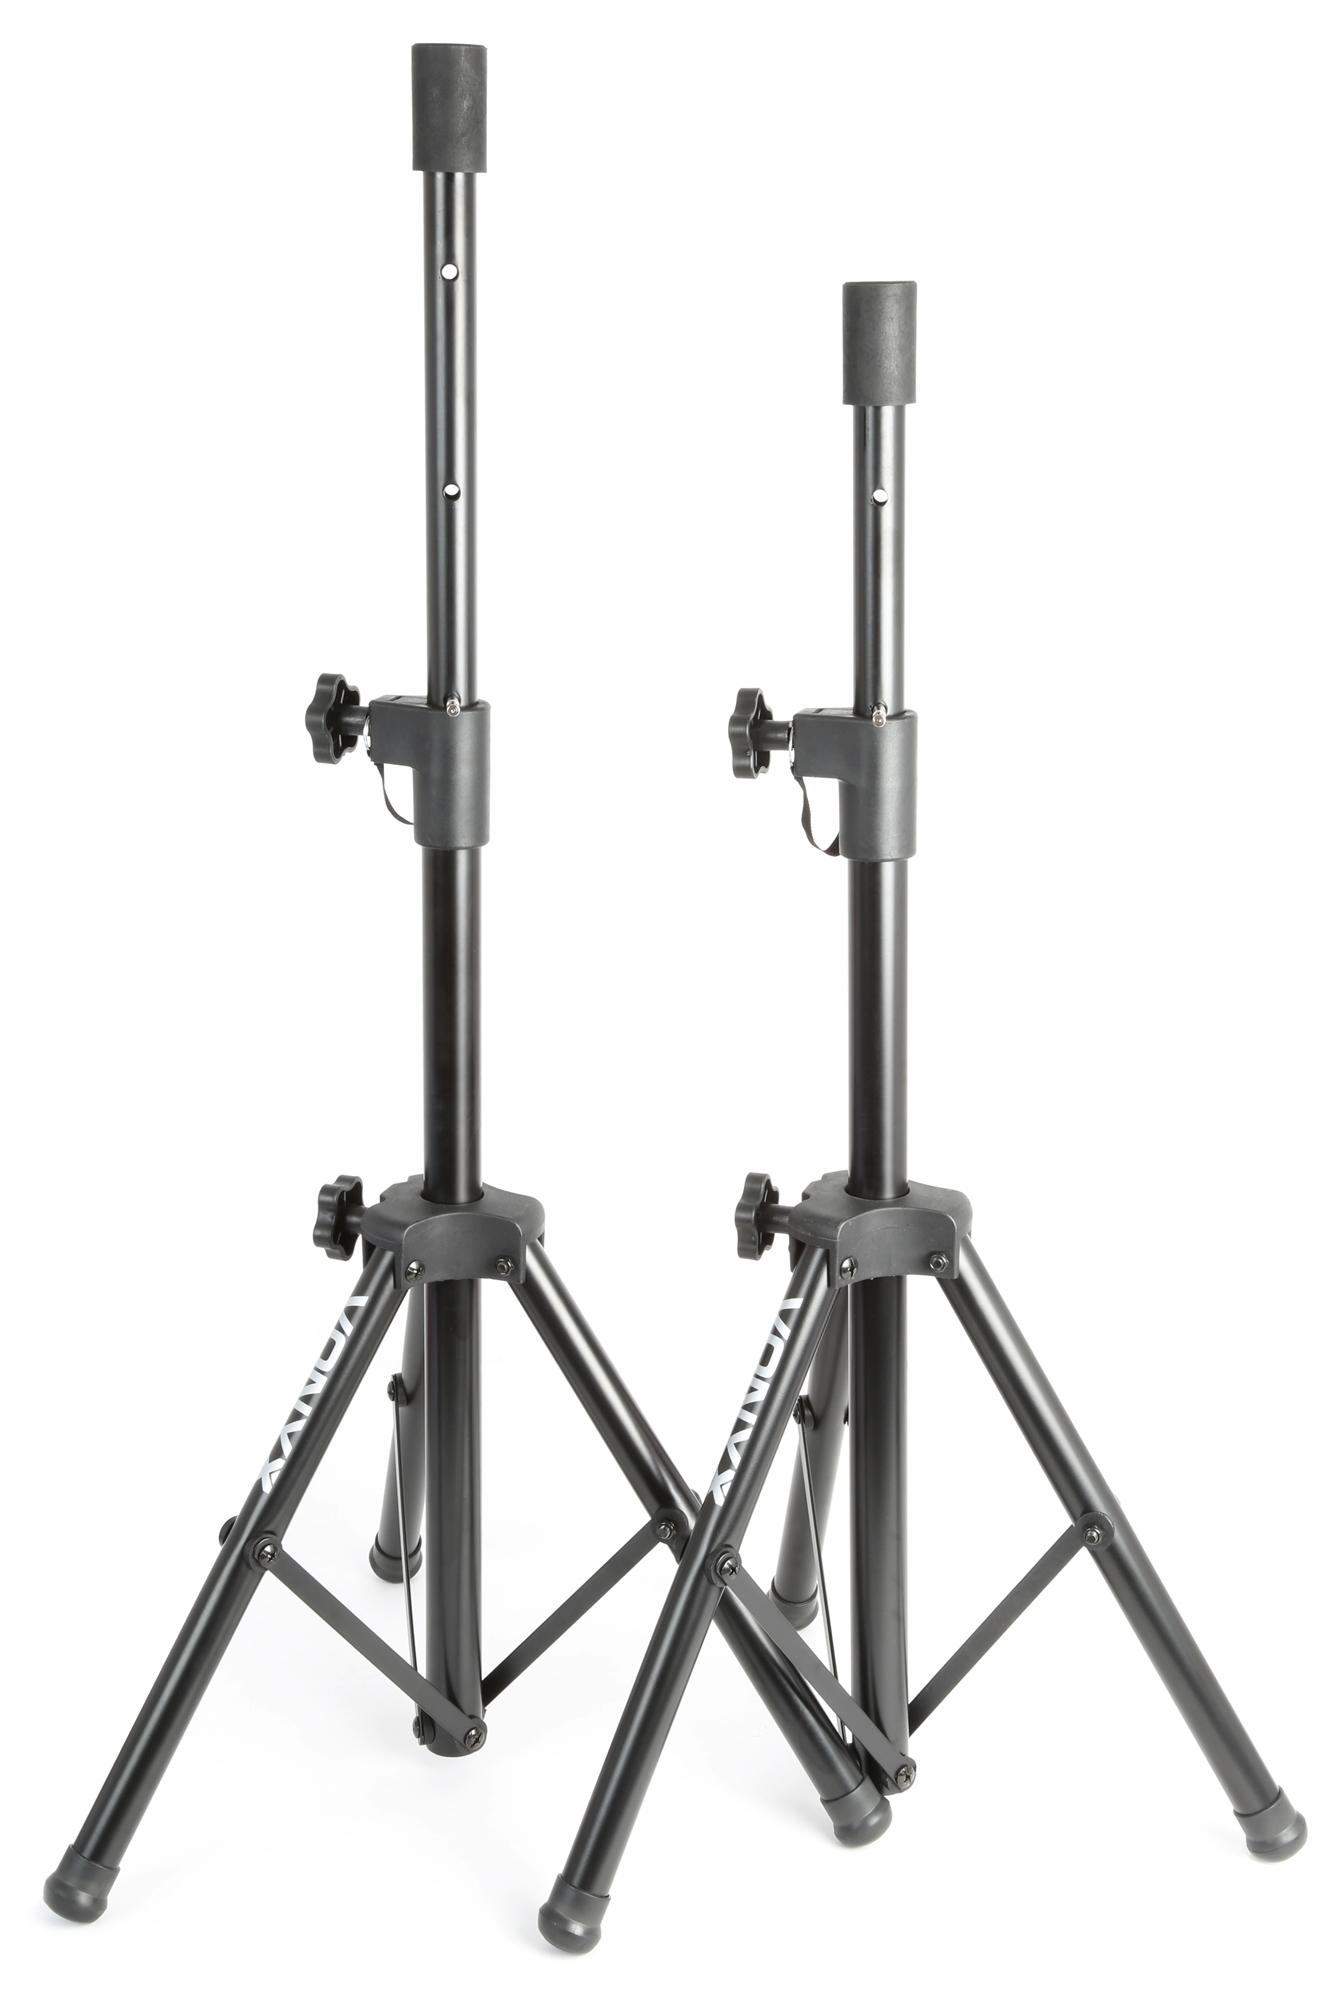 Vonyx sada reproduktorových stojanů, 69-135cm, 20kg